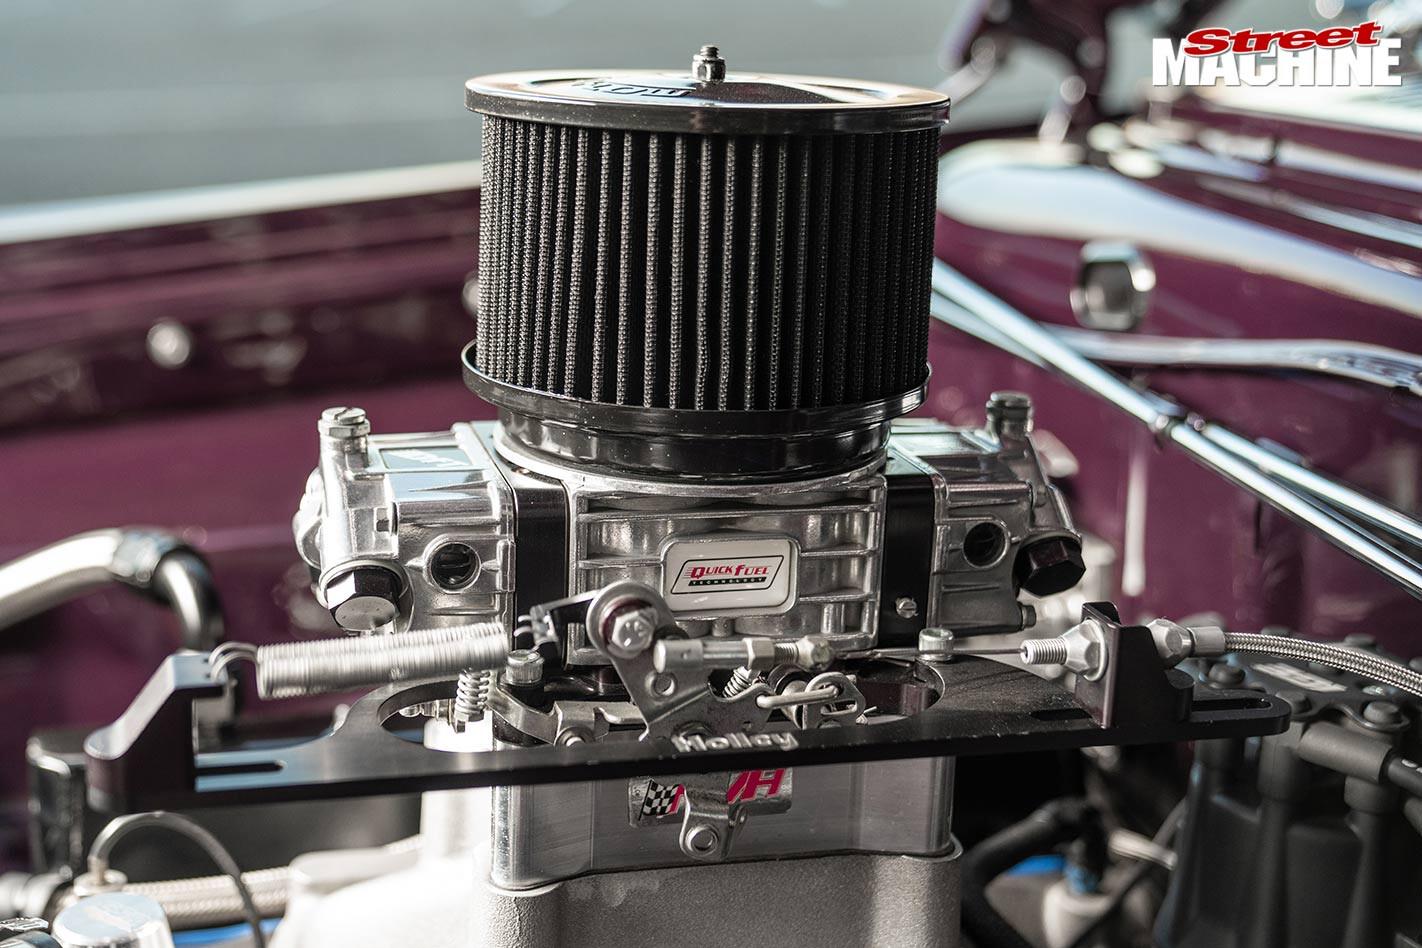 Chrysler VC Valiant engine bay